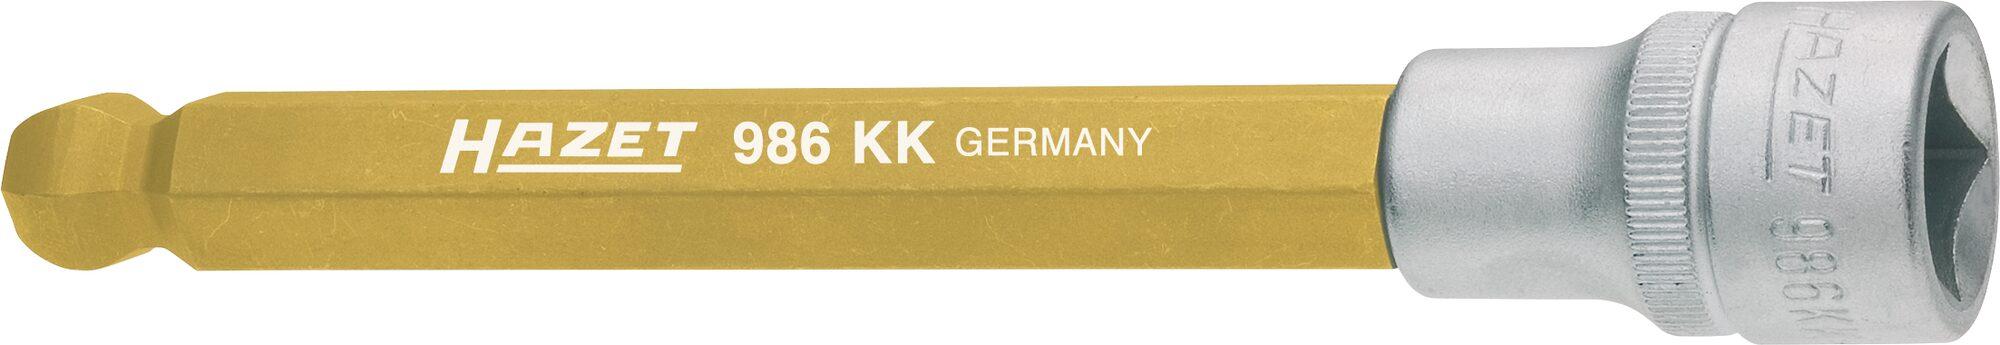 HAZET Schraubendreher-Steckschlüsseleinsatz 986KK-5 ∙ Vierkant hohl 12,5 mm (1/2 Zoll) ∙ Innen-Sechskant Profil ∙ 5 mm